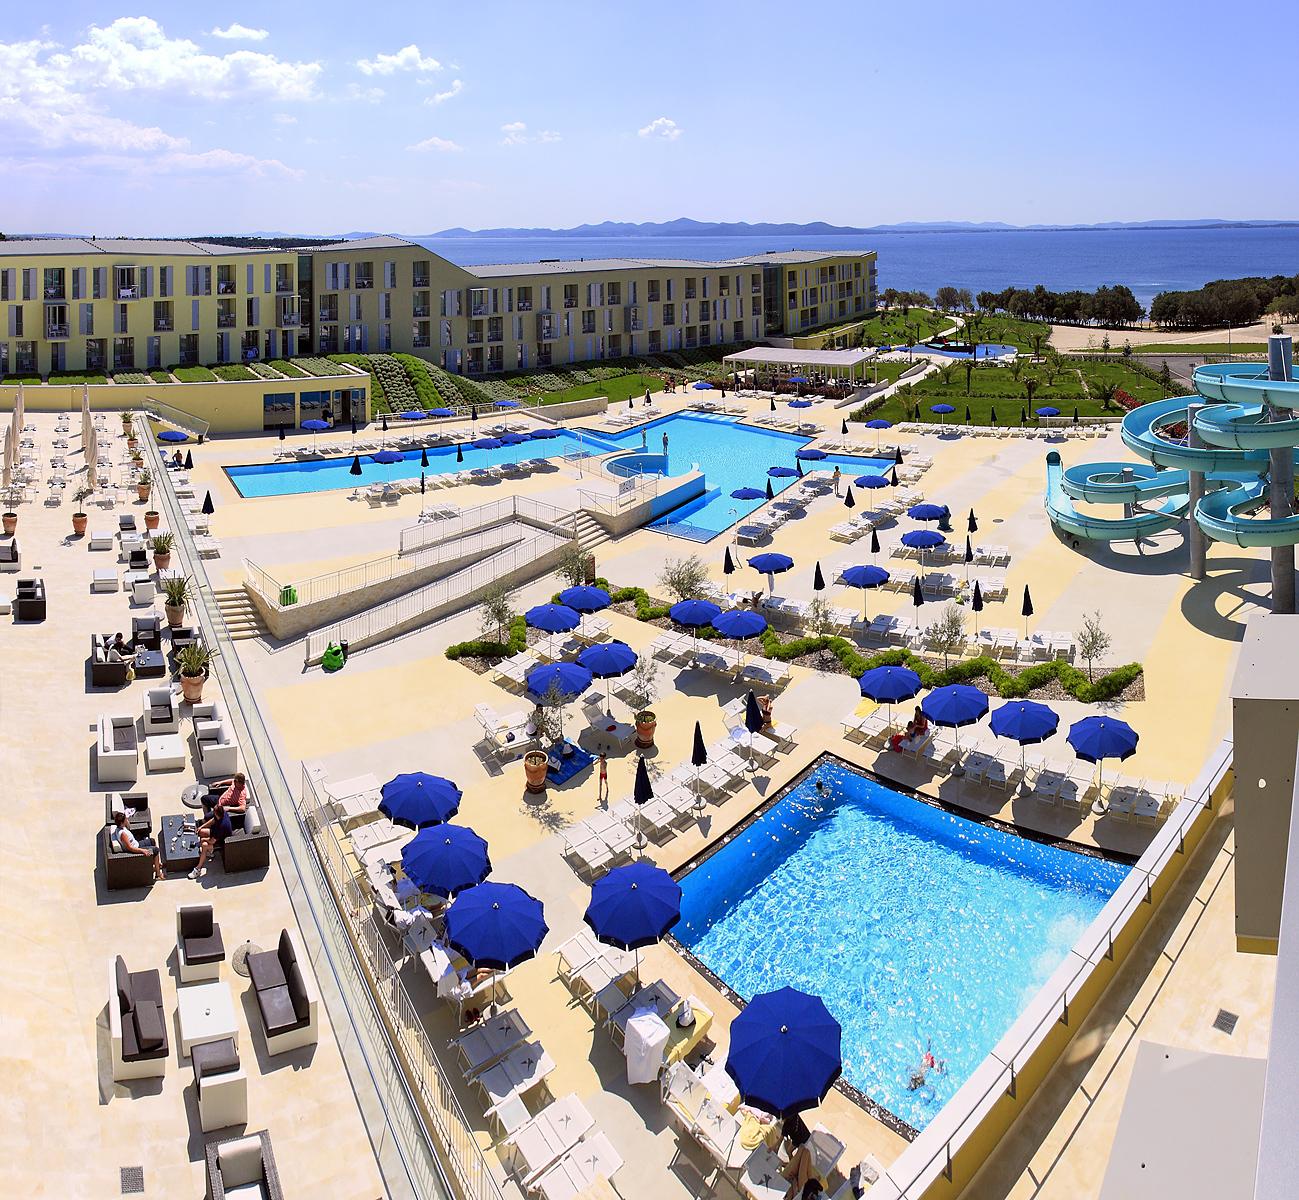 duża zniżka Nowe Produkty całkowicie stylowy Hotel Falkensteiner Family Hotel Diadora - Dalmacja ...